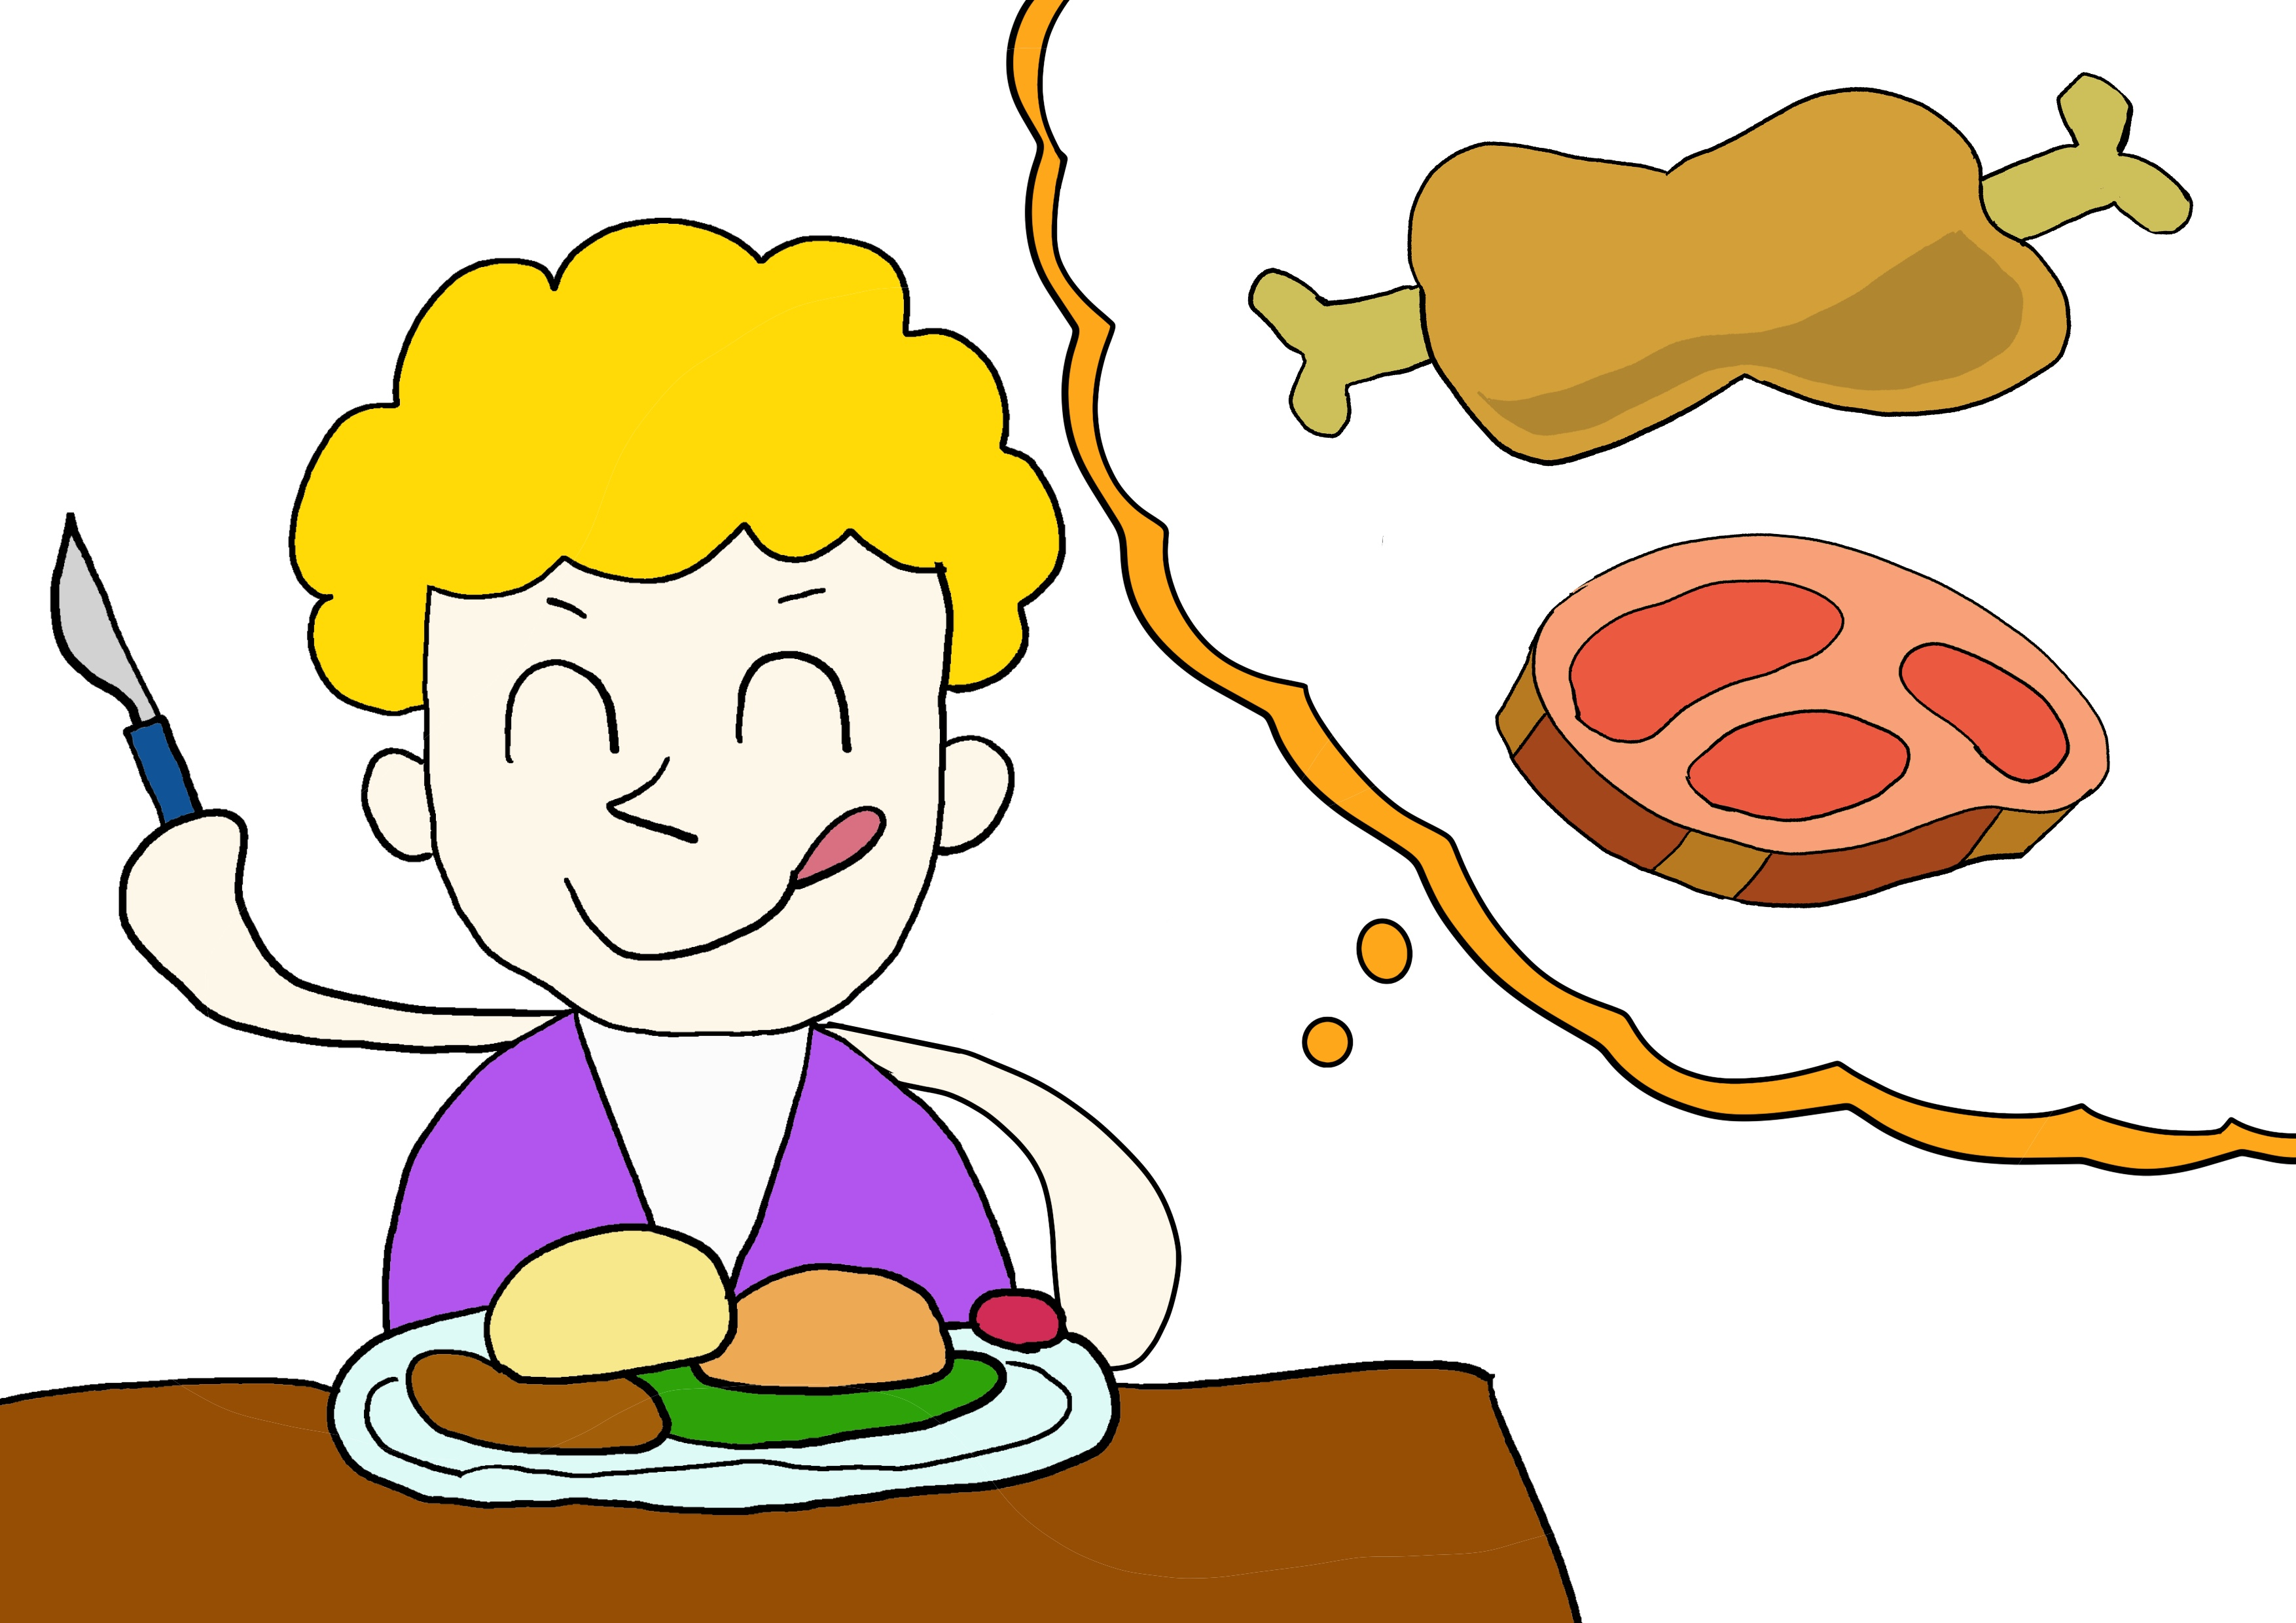 6課イラスト【肉を食べる】